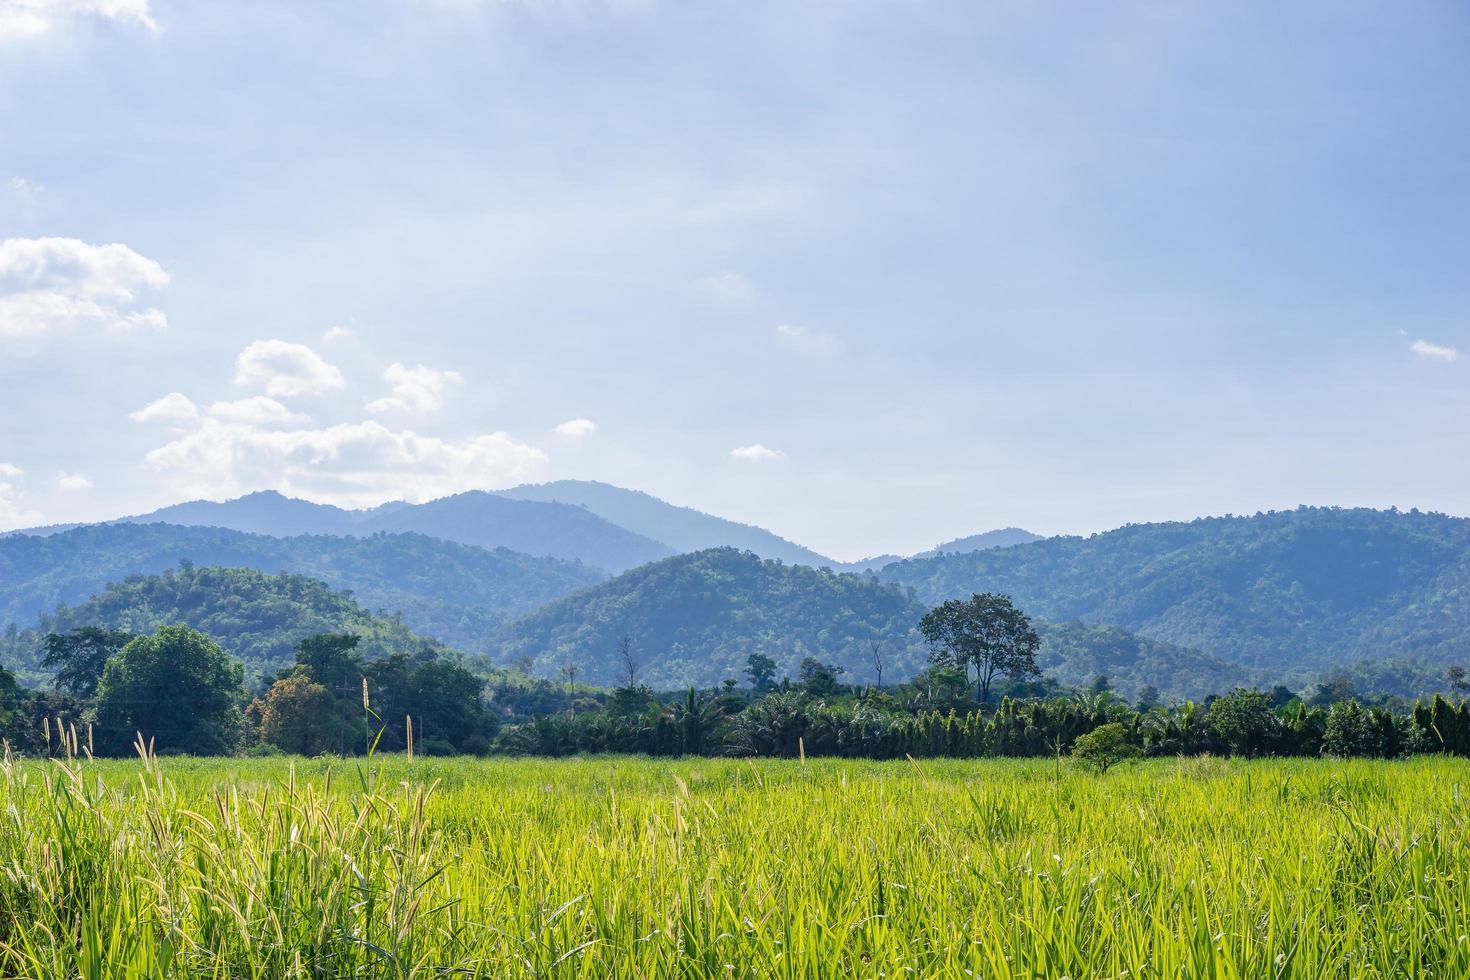 Berg und grüne Wiese auf dem Land foto